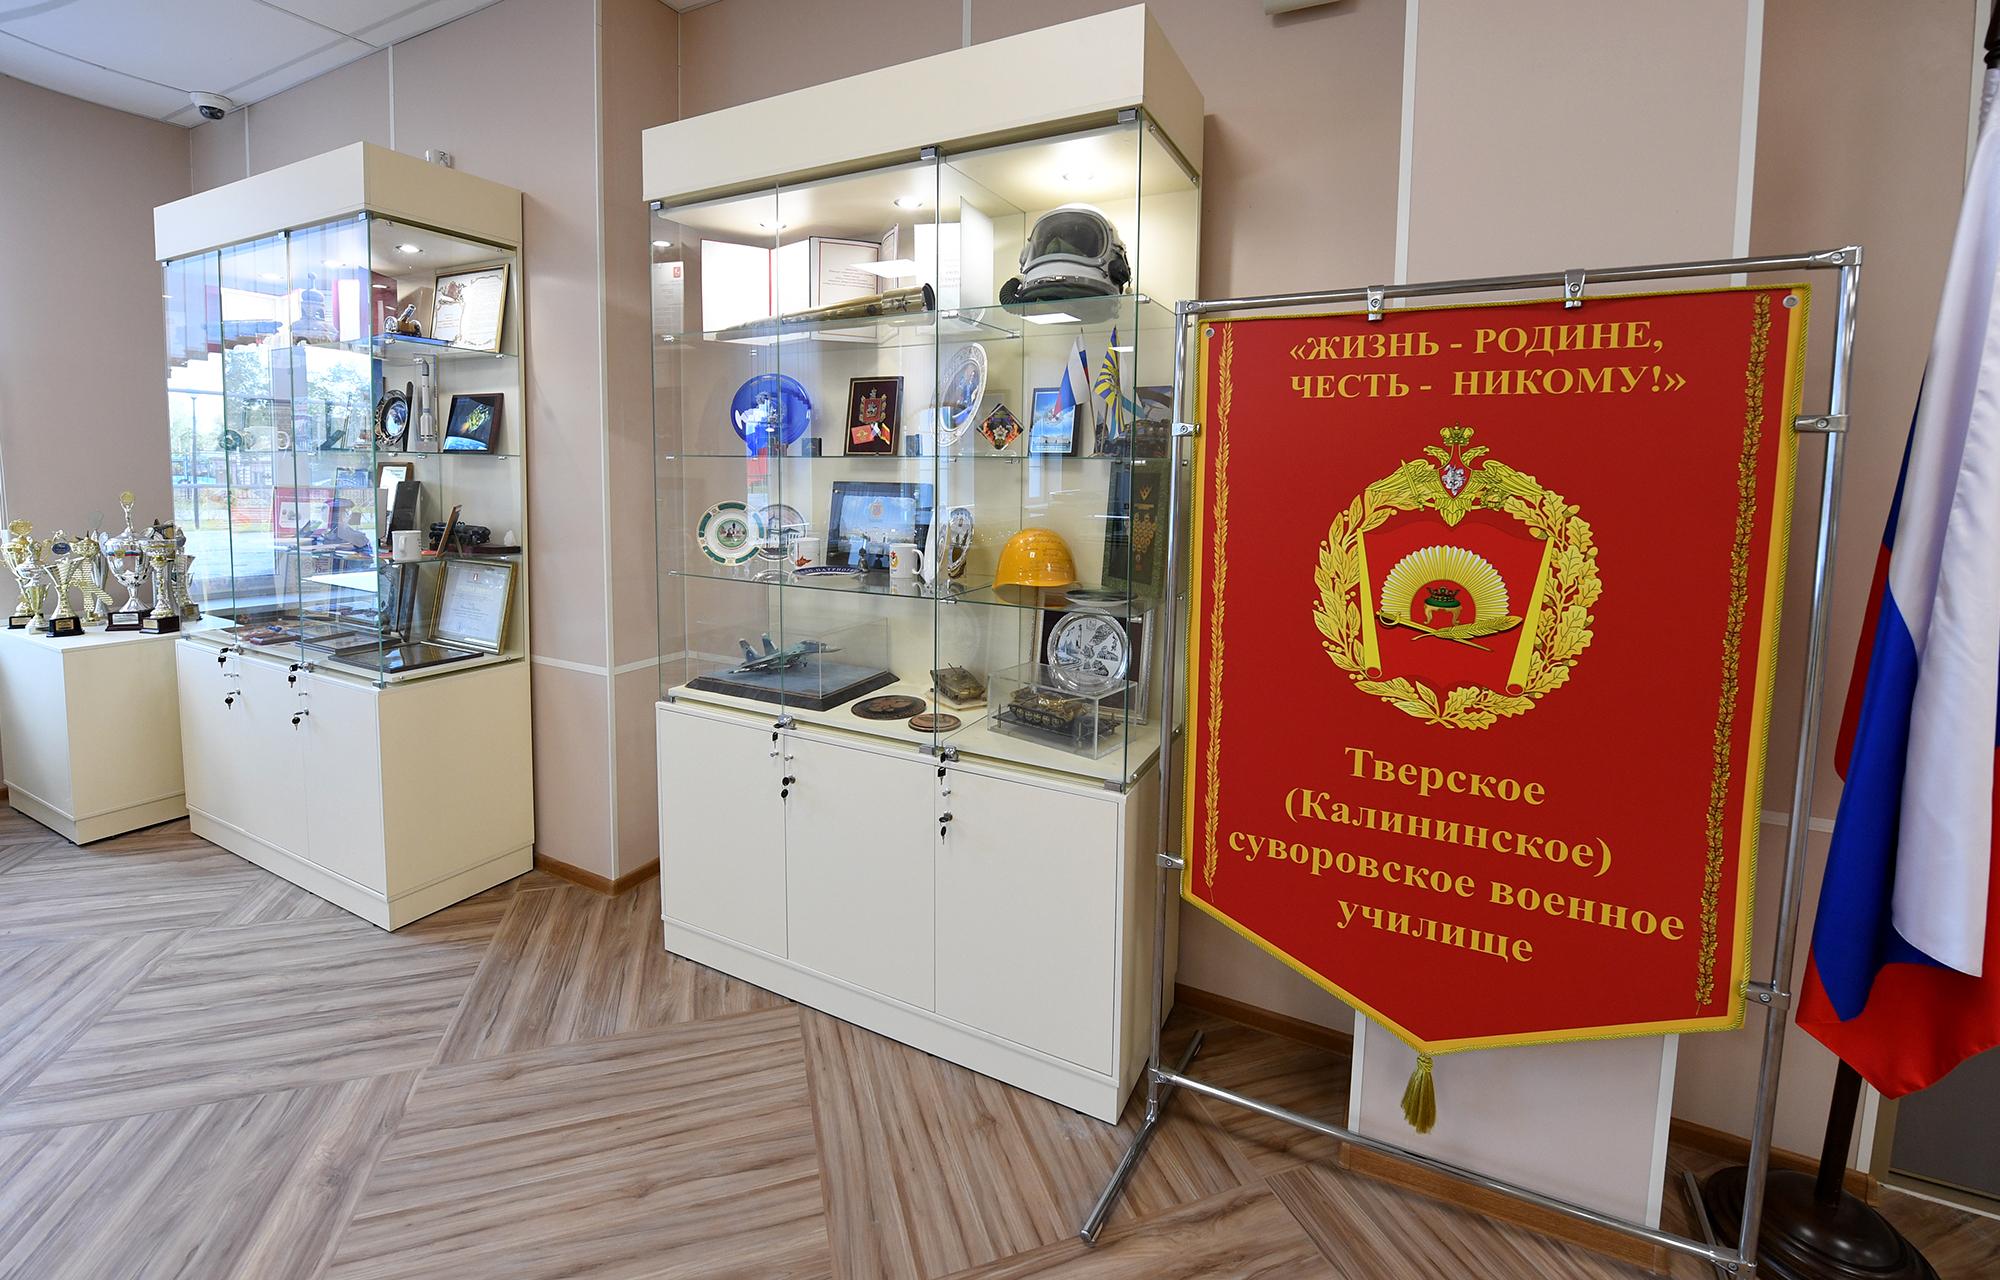 Игорь Руденя и заместитель Министра обороны РФ Тимур Иванов проинспектировали готовность нового комплекса суворовского училища